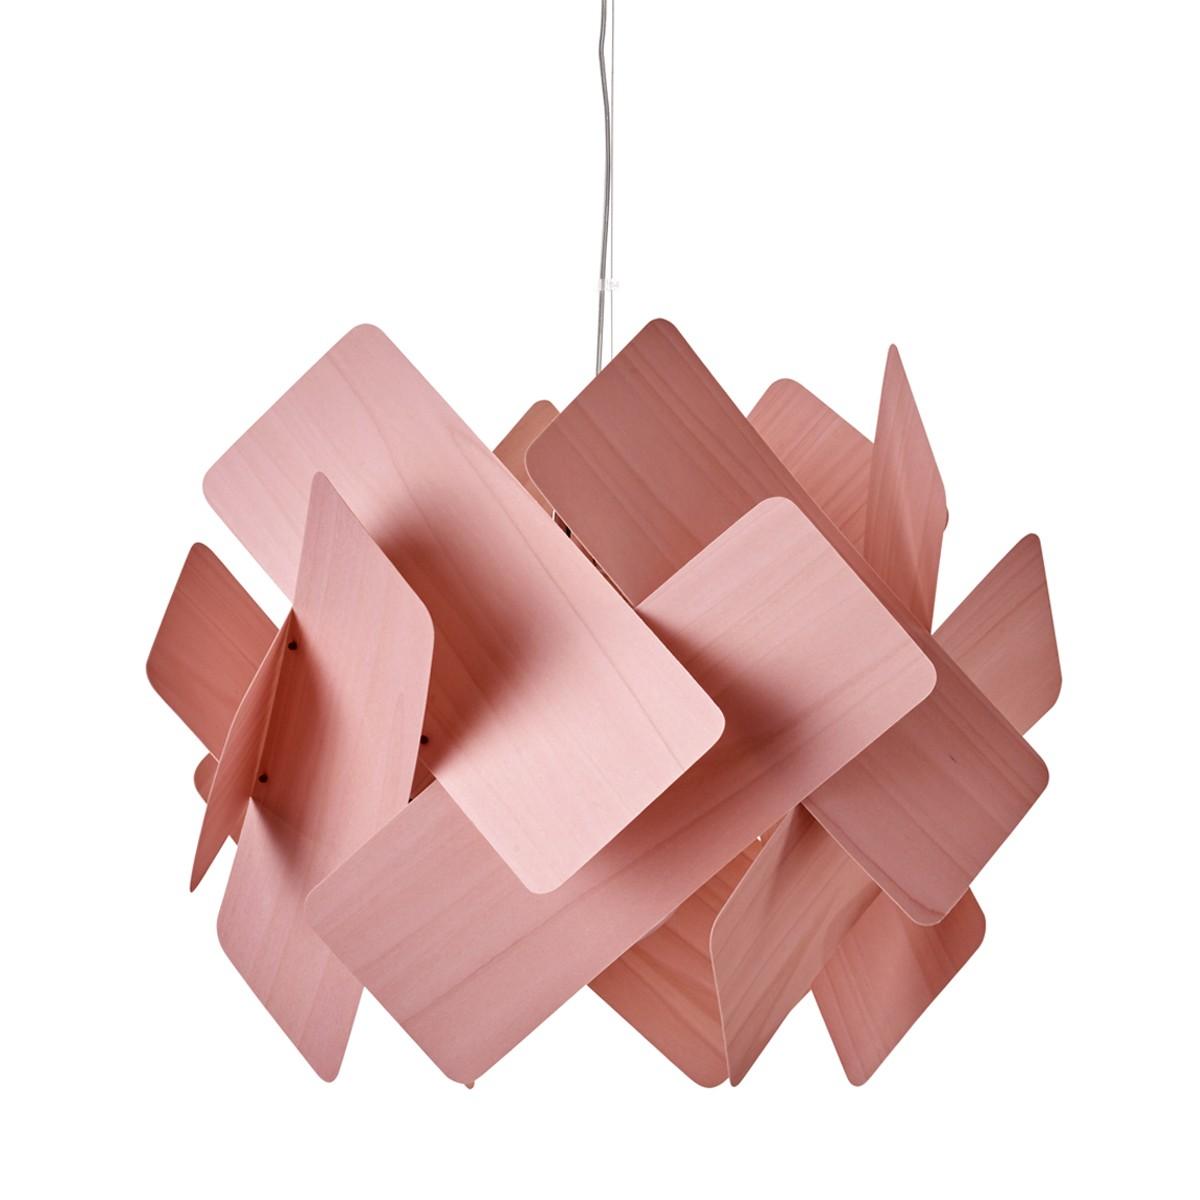 LZF Lamps Escape Large Pendelleuchte, pink